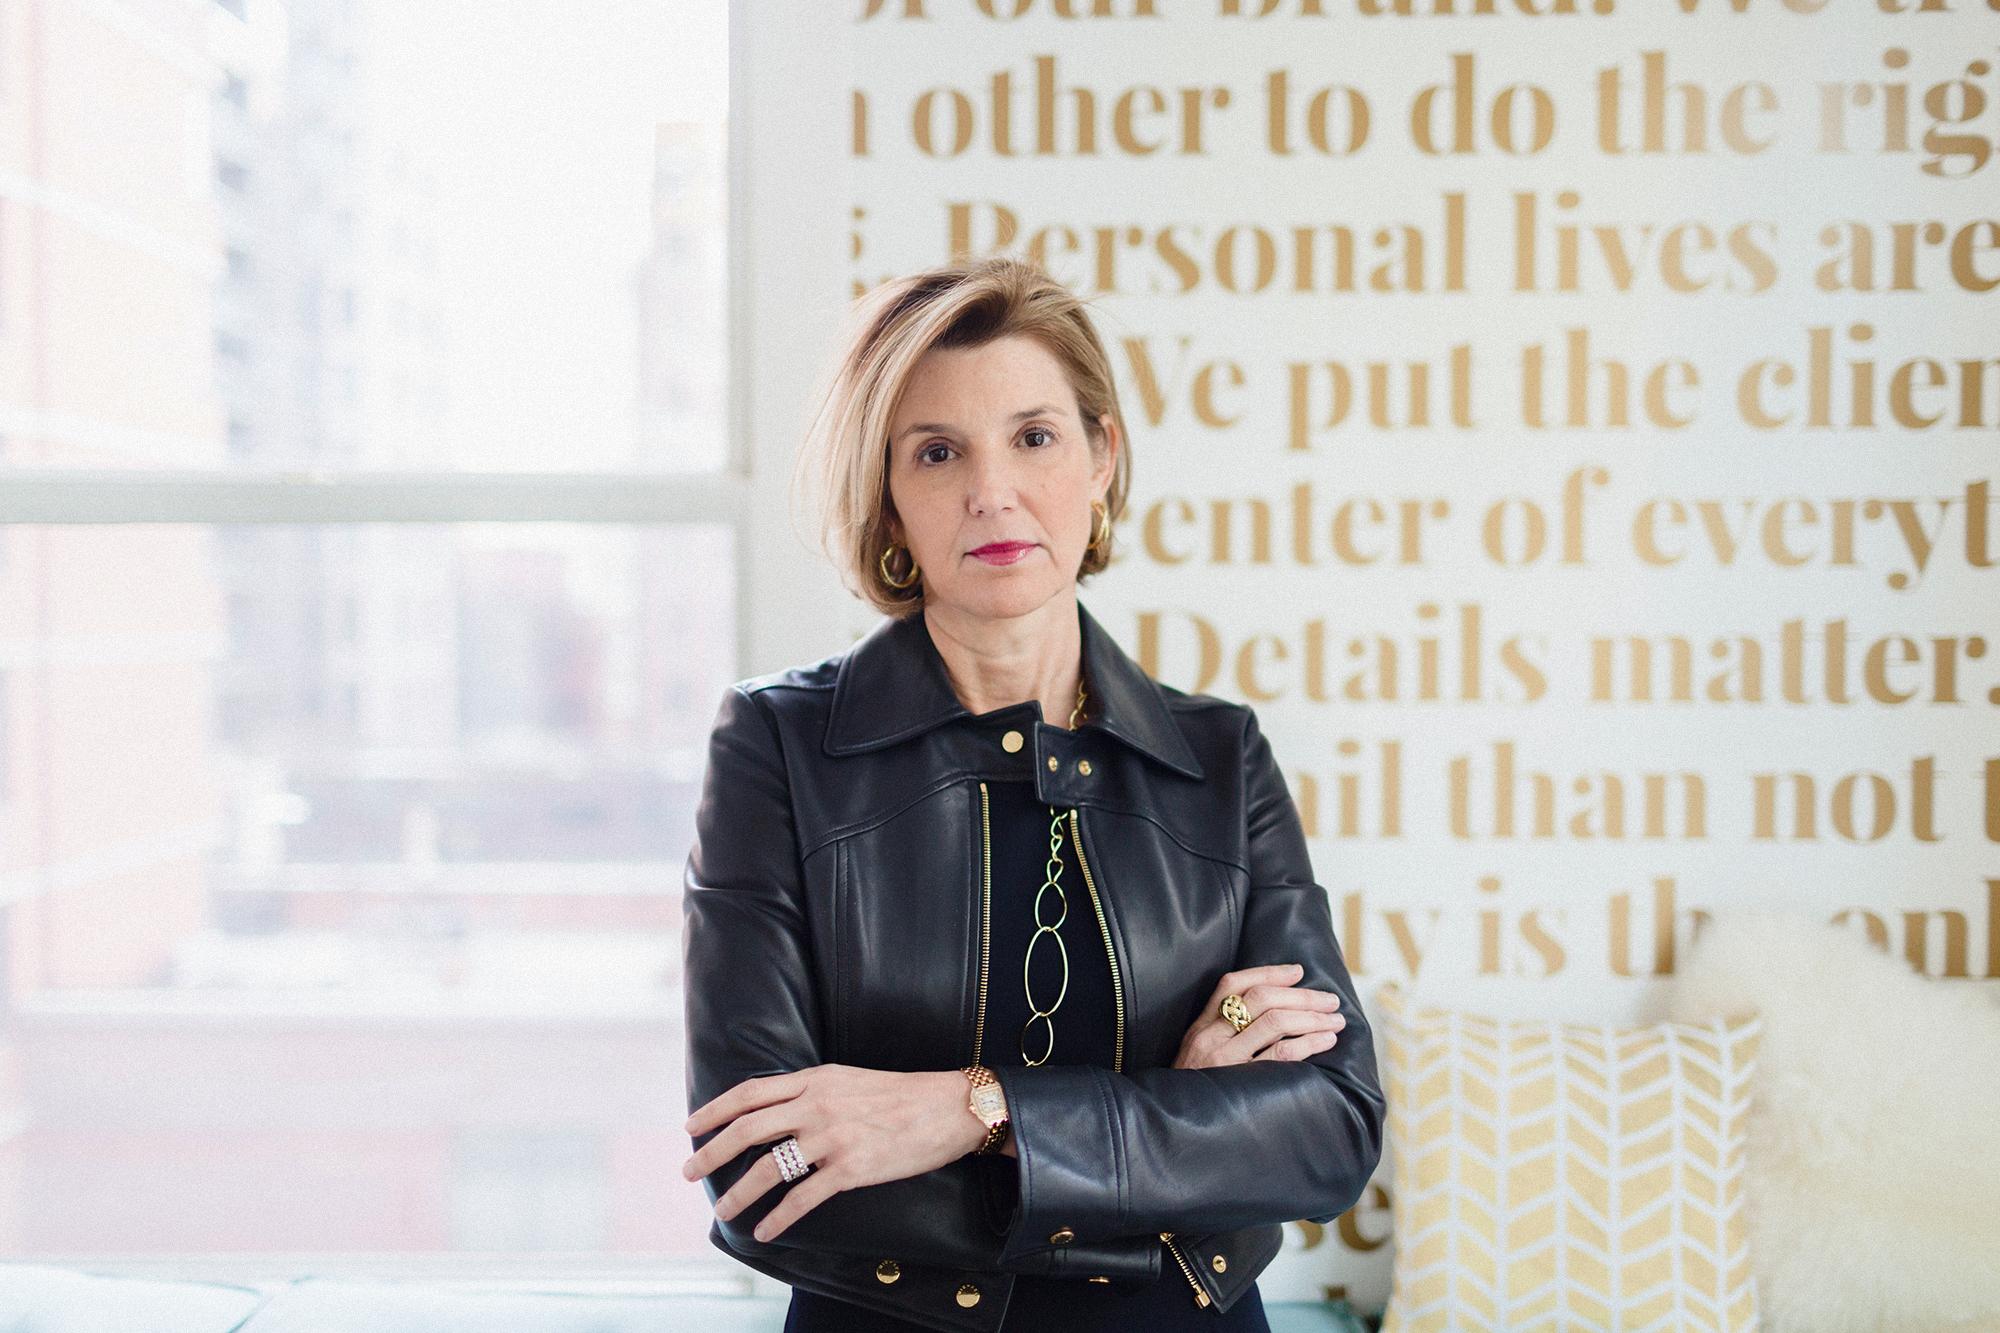 Sallie Krawcheck, CEO of Ellevest